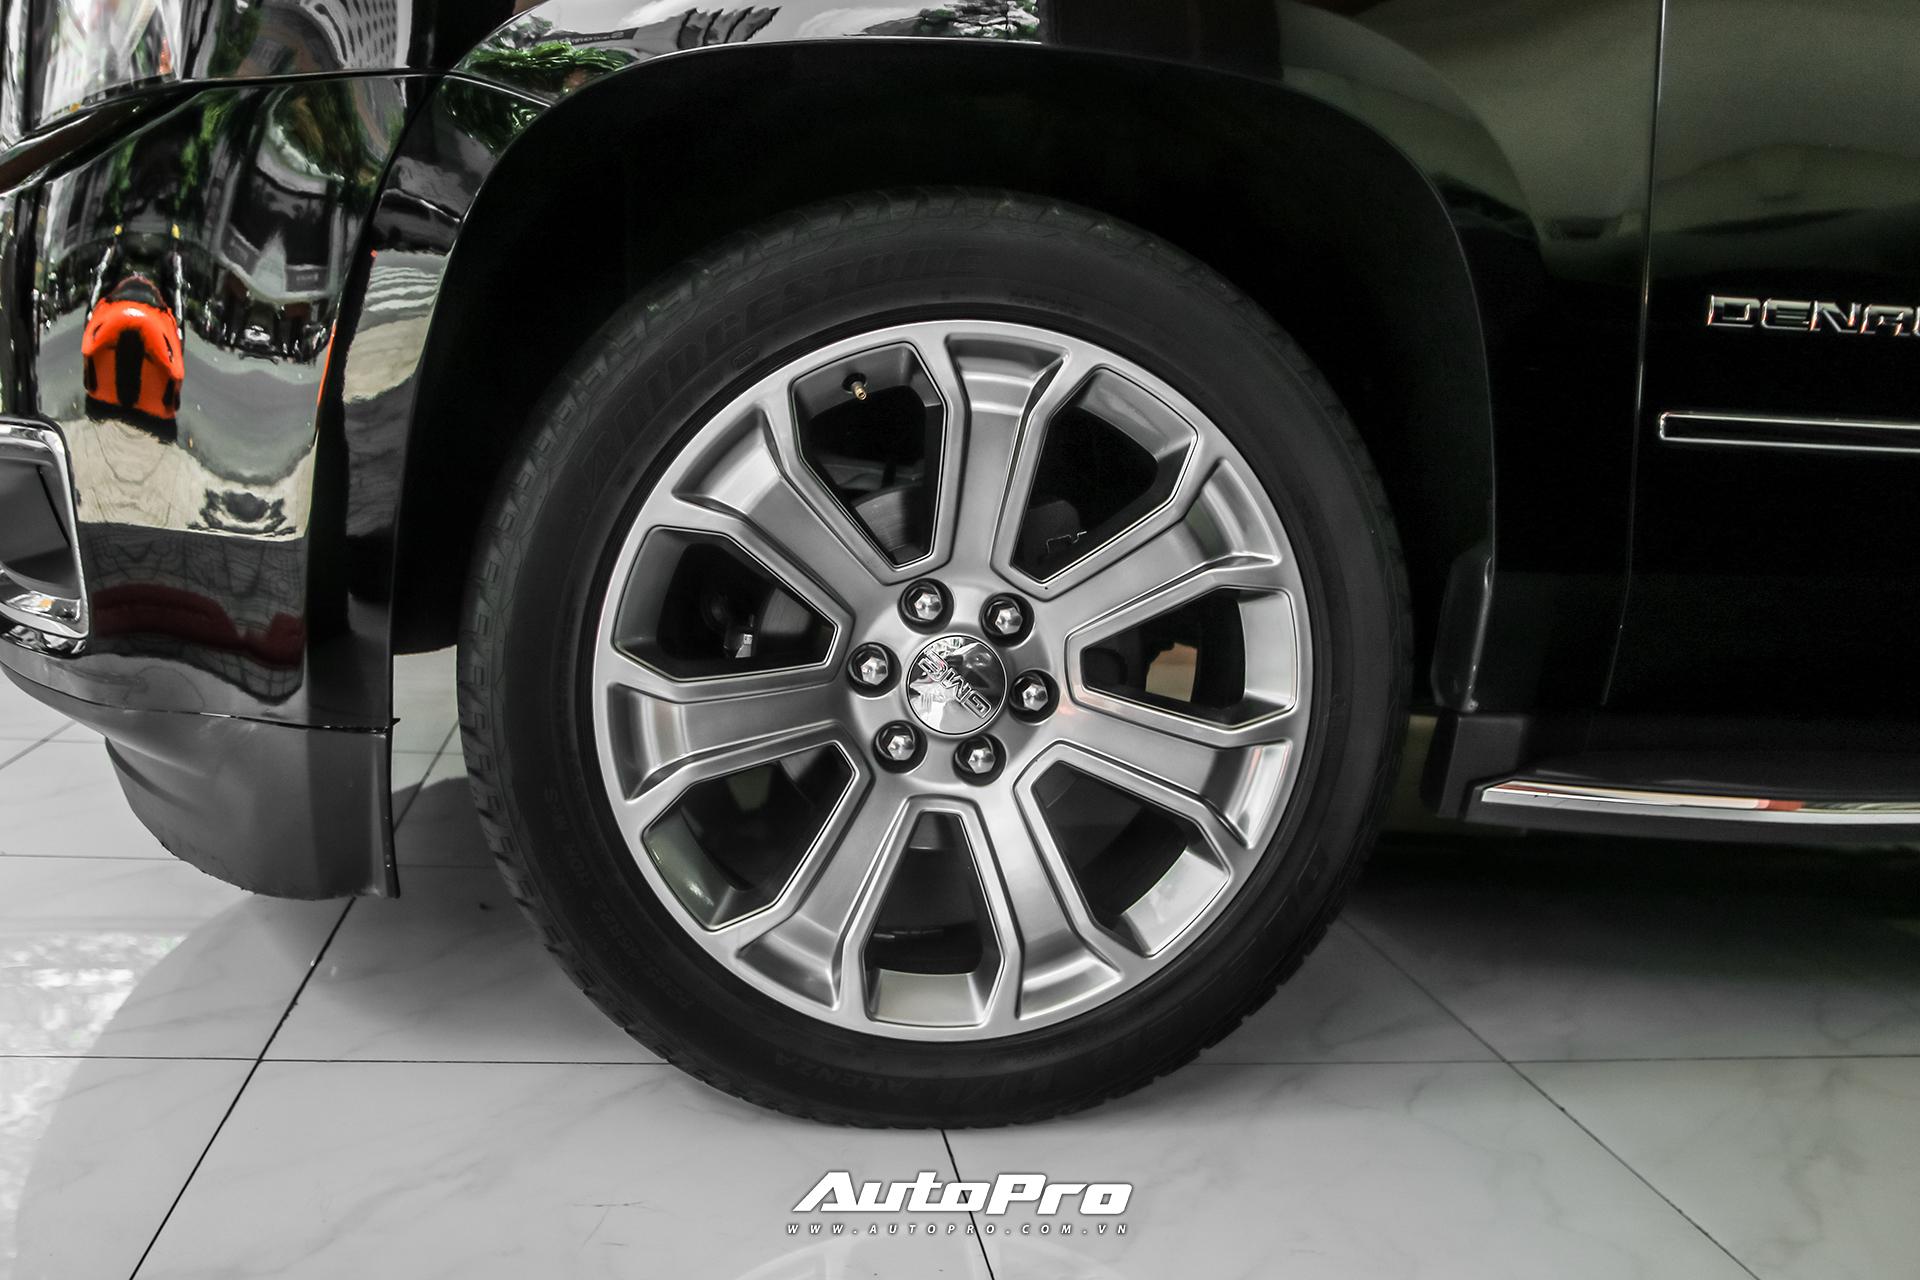 Xe sử dụng bộ mâm kích thước lên tới 22 inch để xứng tầm với thân hình đồ sộ. Đây là tuỳ chọn mâm cao cấp nhất trên dòng xe GMC Yukon đời 2015.